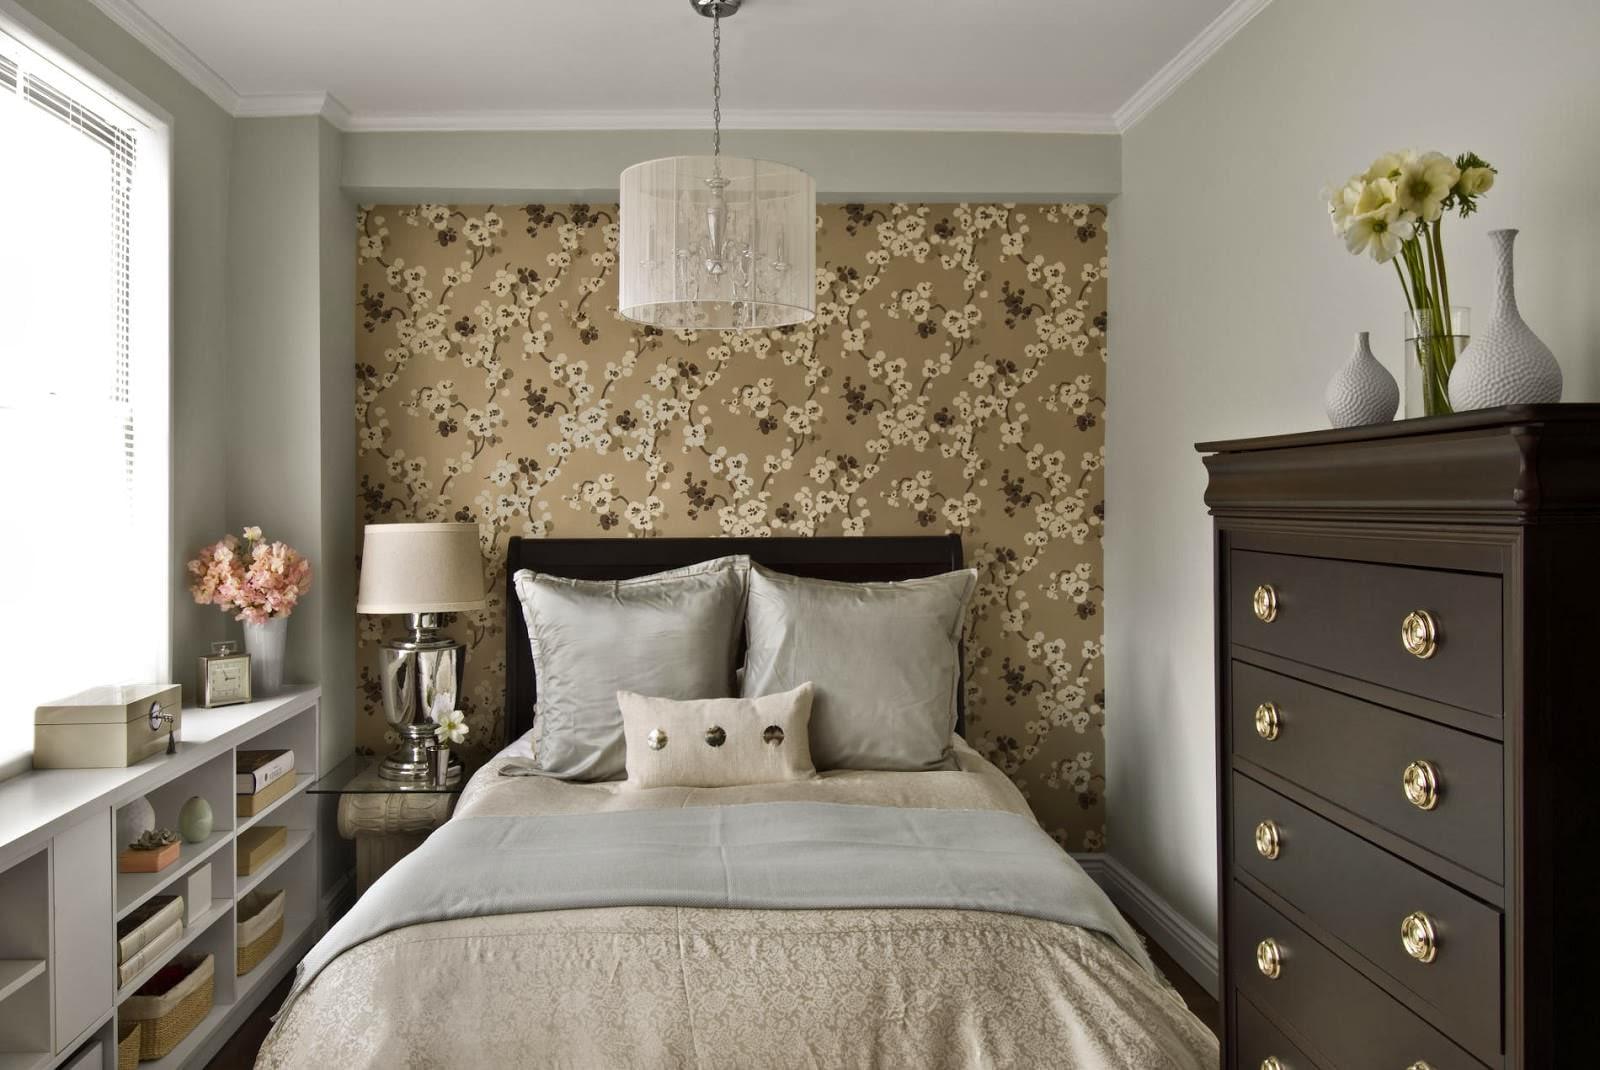 Однотонные обои флизелиновые виниловые бумажные в интерьере спальни серые зеленые синие стены без рисунка в коридоре на кухне, гладкие комбинированные в детской